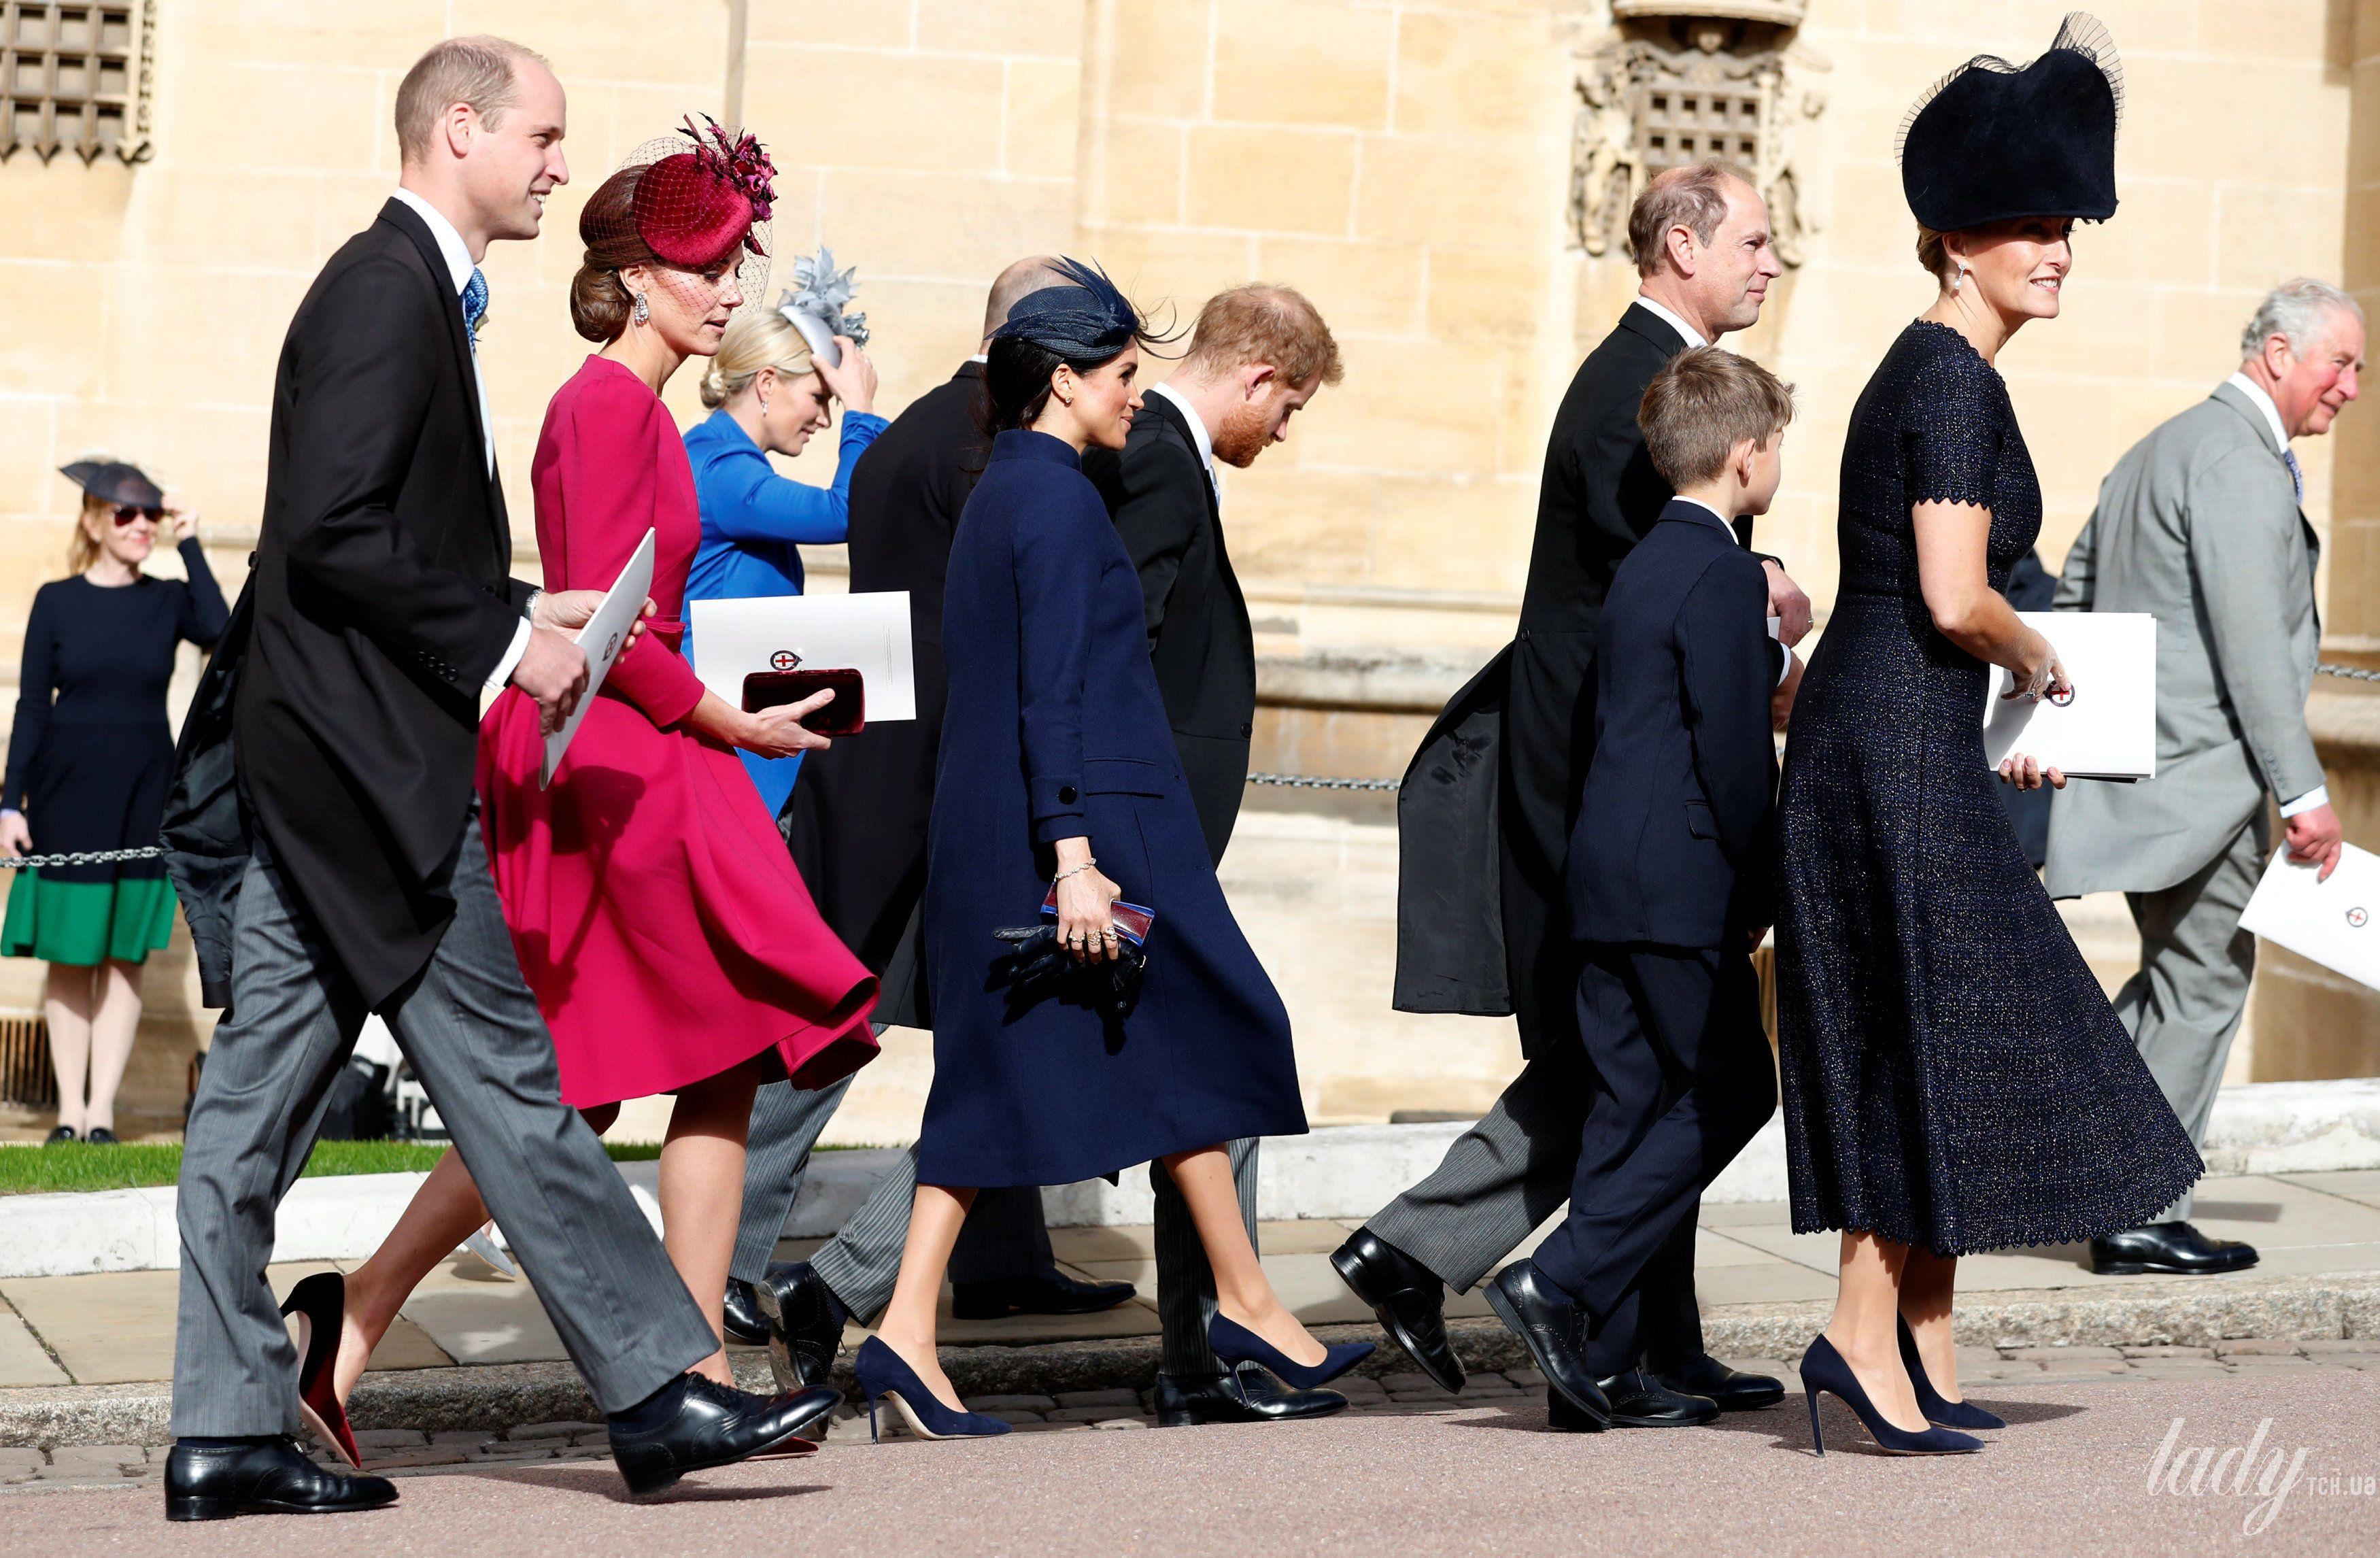 Битва образов герцогини Кембриджской и герцогини Сассекской_6